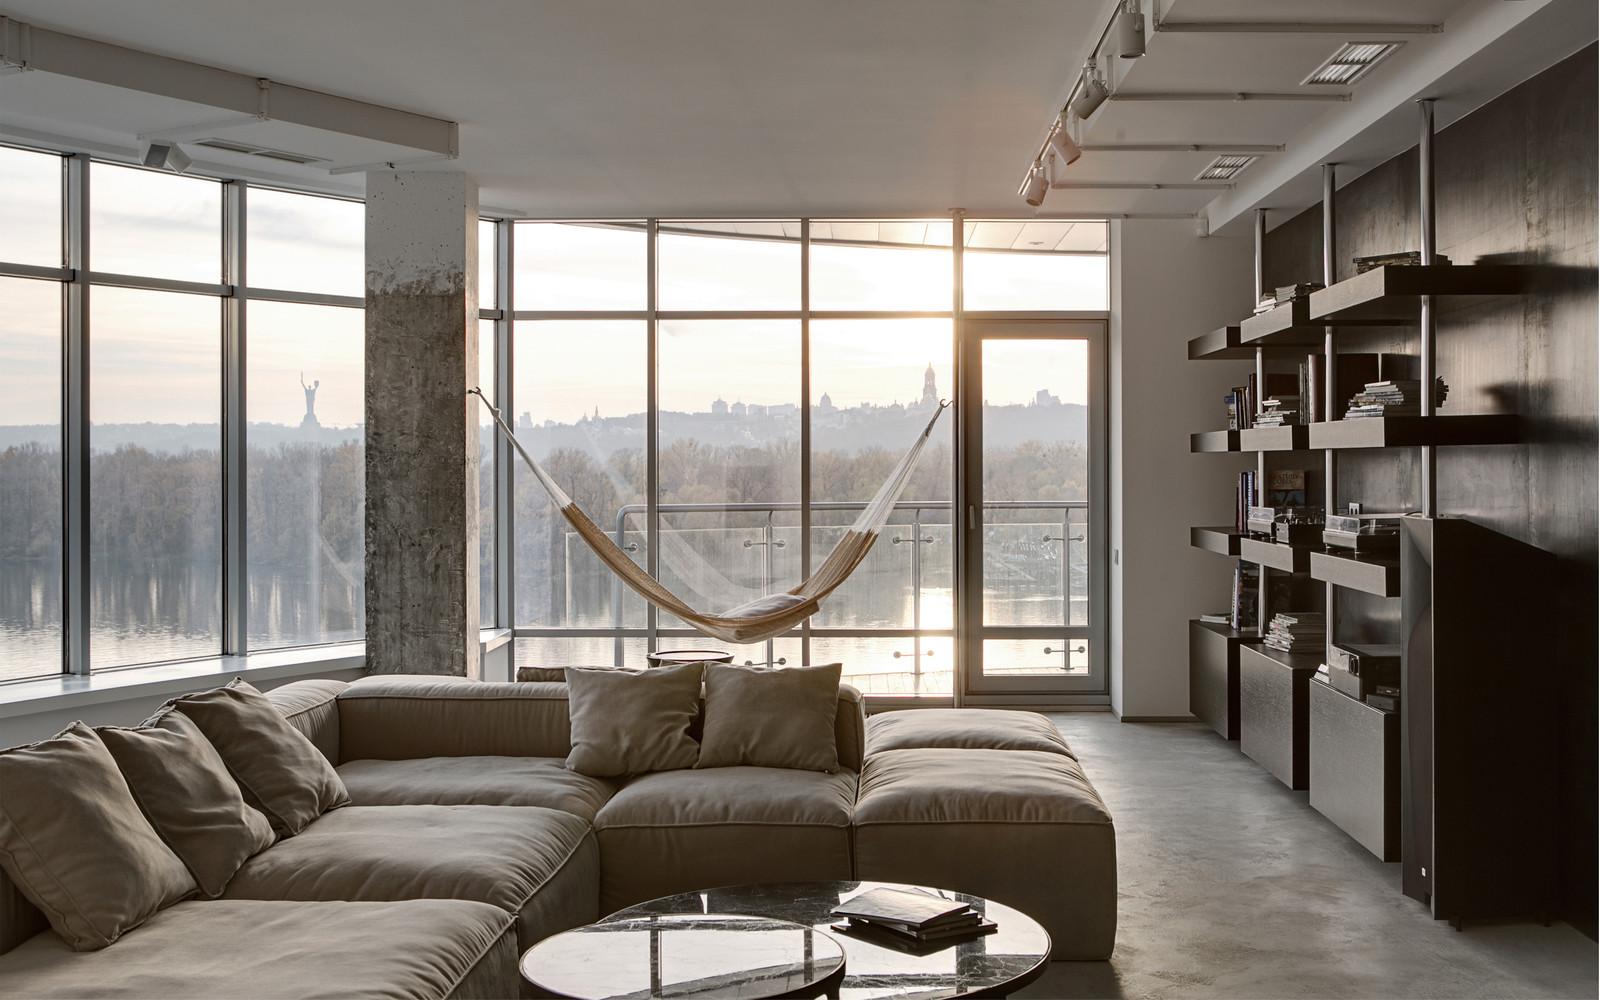 панорамни прозорци и свобода в просторния градски апартамент_12